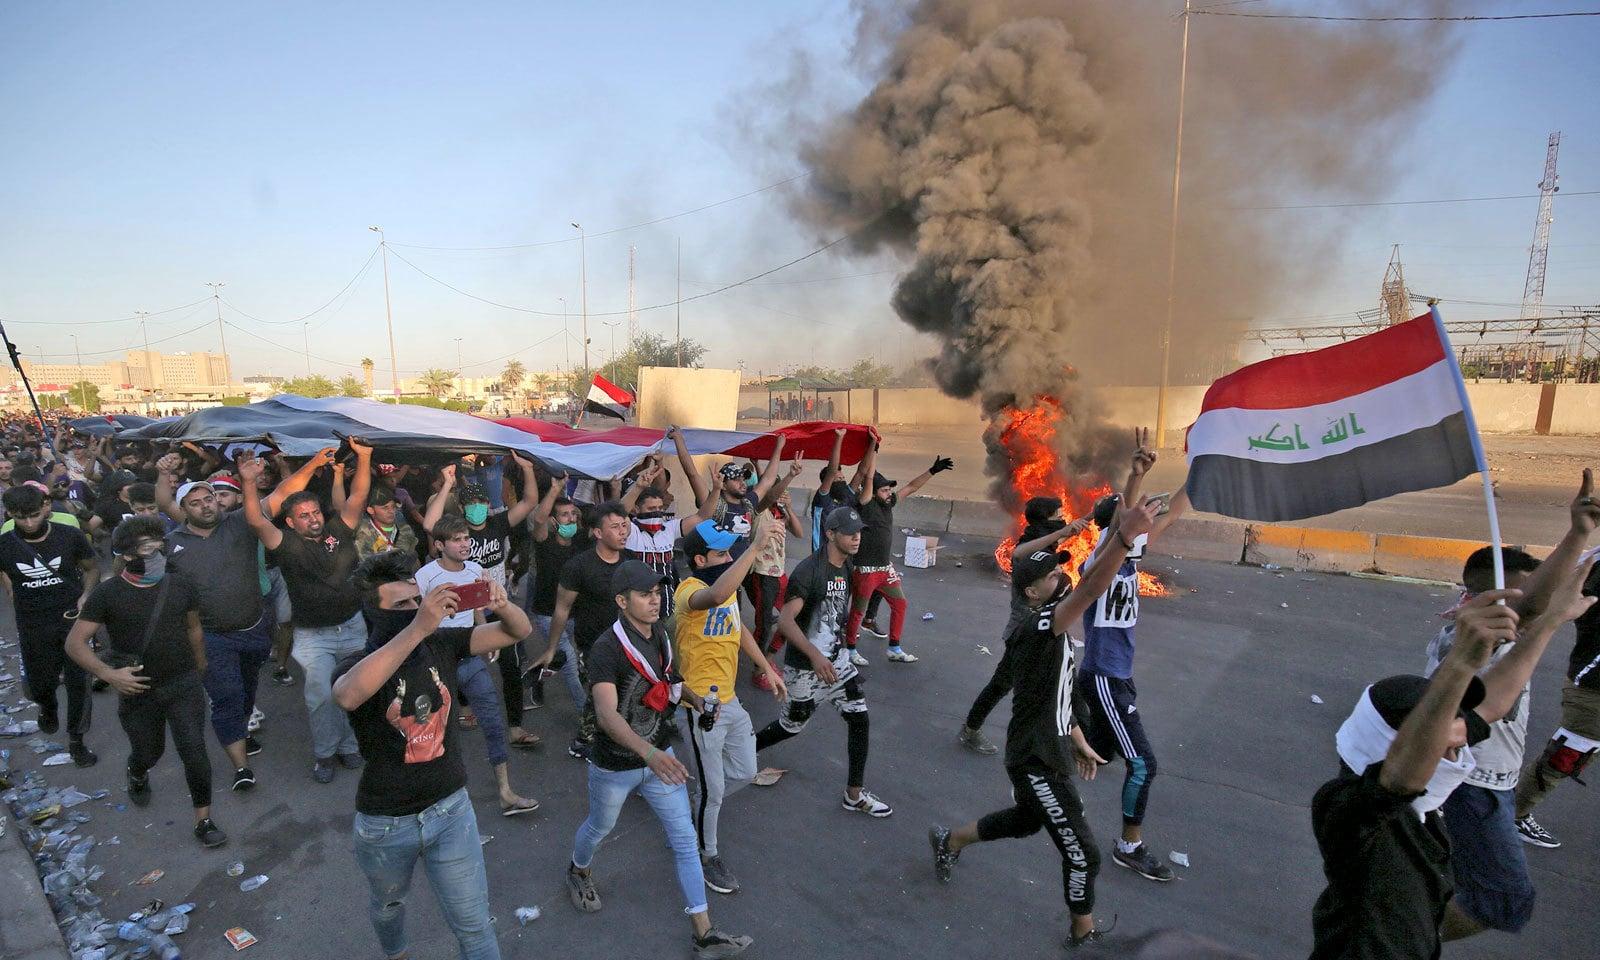 بے روزگاری، کرپشن کےخلاف اور حکومت کی تبدیلی کے مطالبے پر شروع ہونے والے احتجاج میں شدت آگئی ہے — فوٹو: اے ایف پی